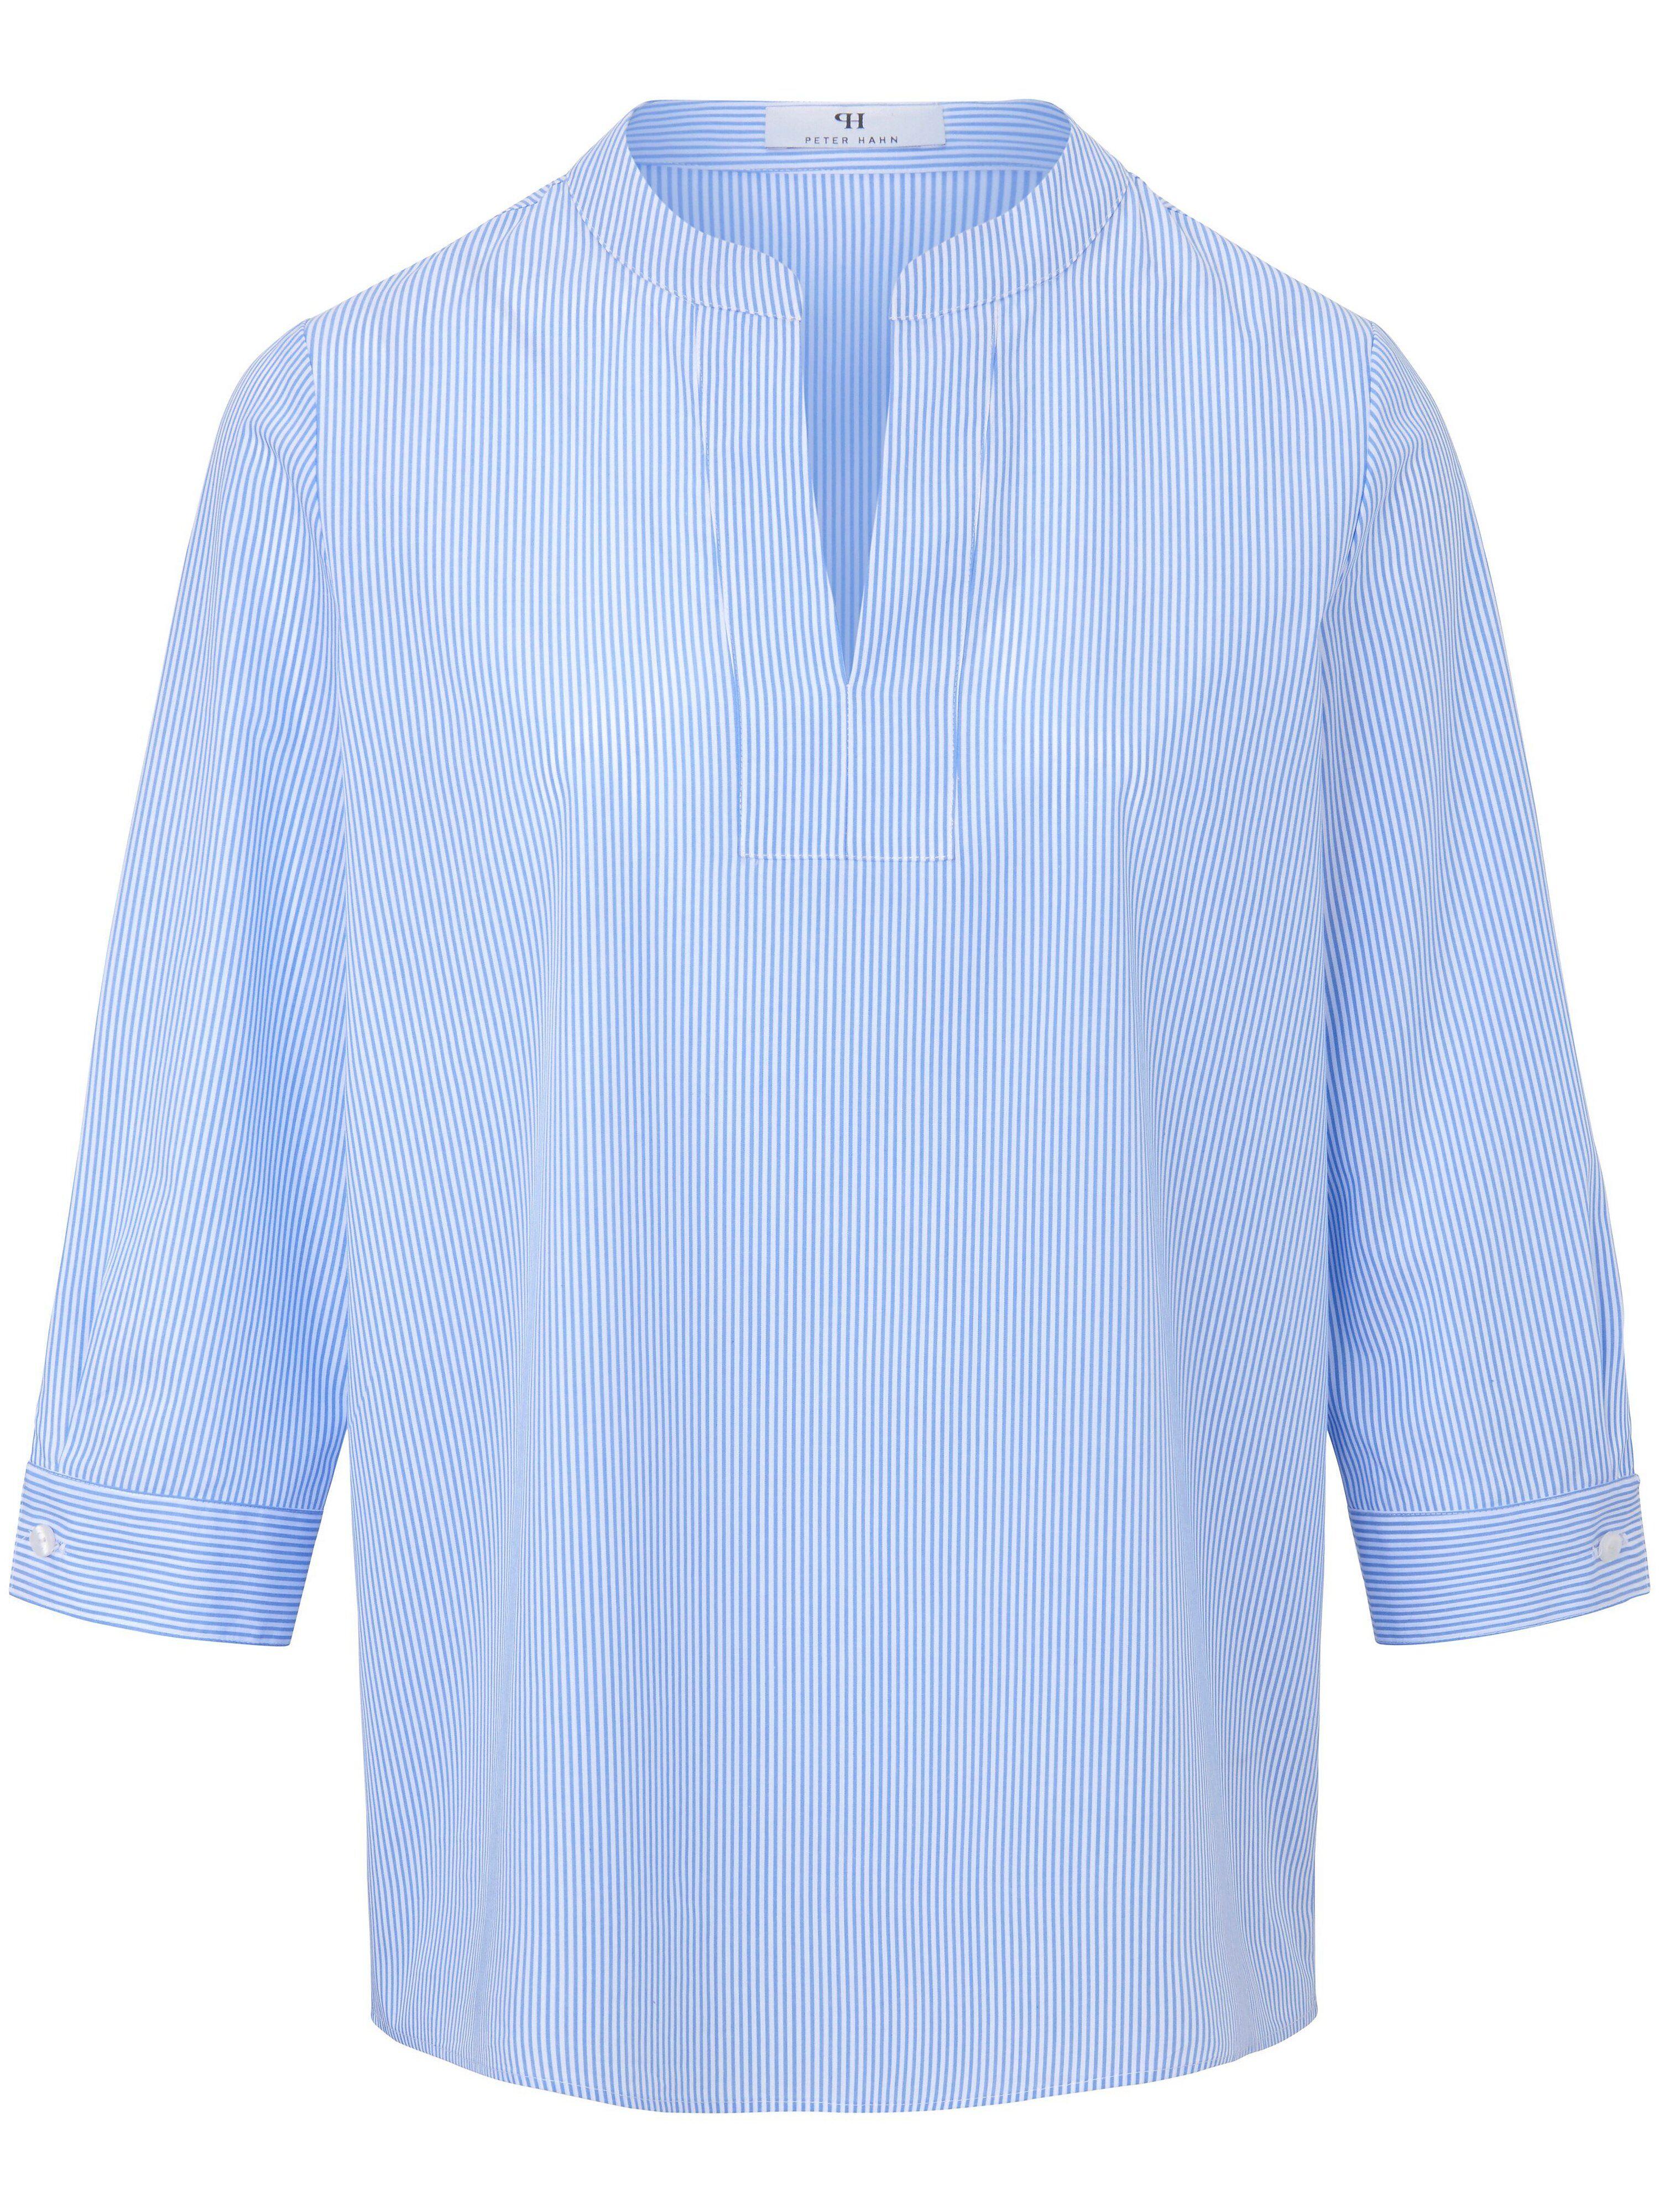 Peter Hahn La blouse ligne en A  Peter Hahn bleu  - Femme - 48